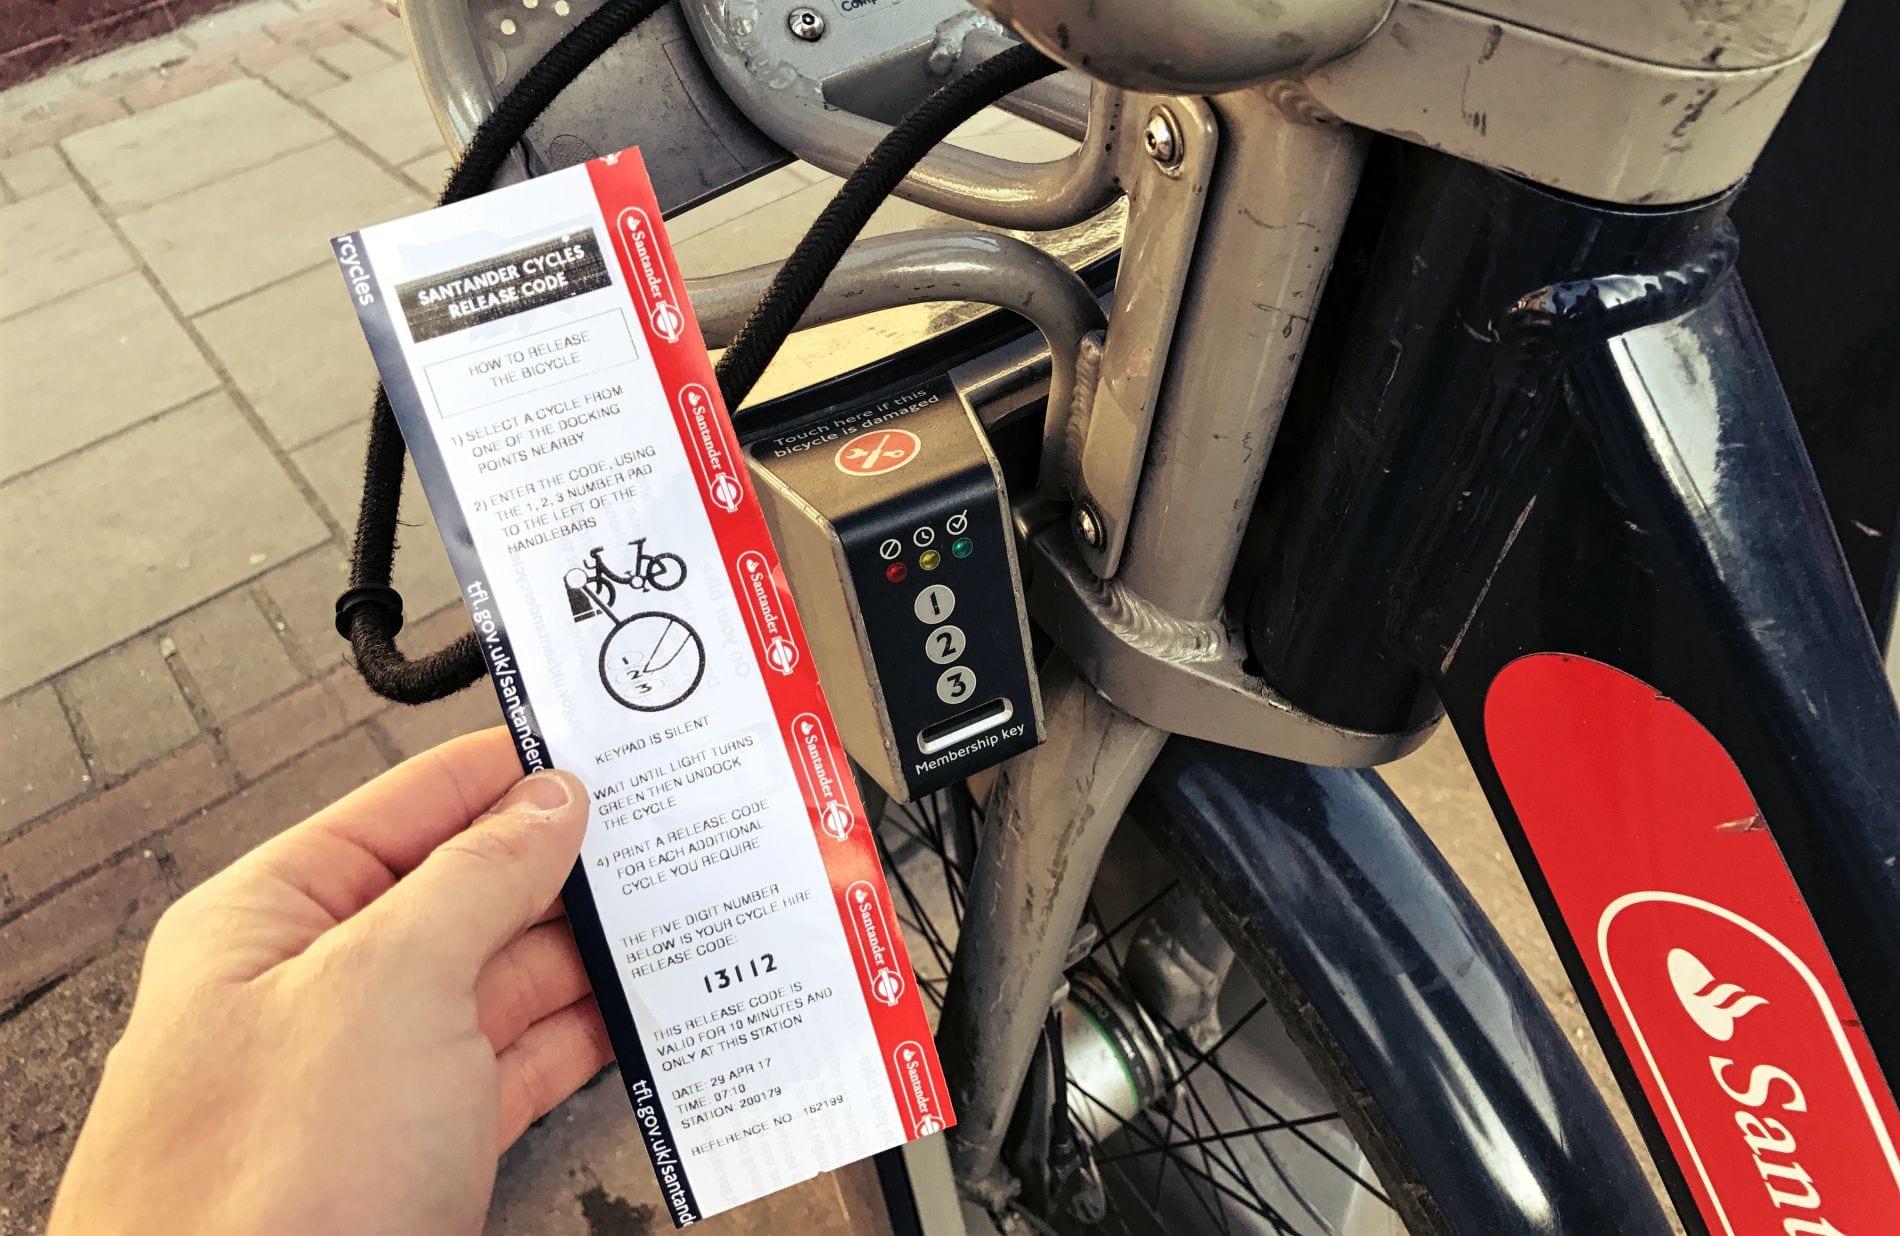 Diesen Code gibst Du direkt am Bike ein. Dort kannst Du übrigens auch den Knopf finden, den Du drücken musst, wenn das Fahrrad beschädigt ist.